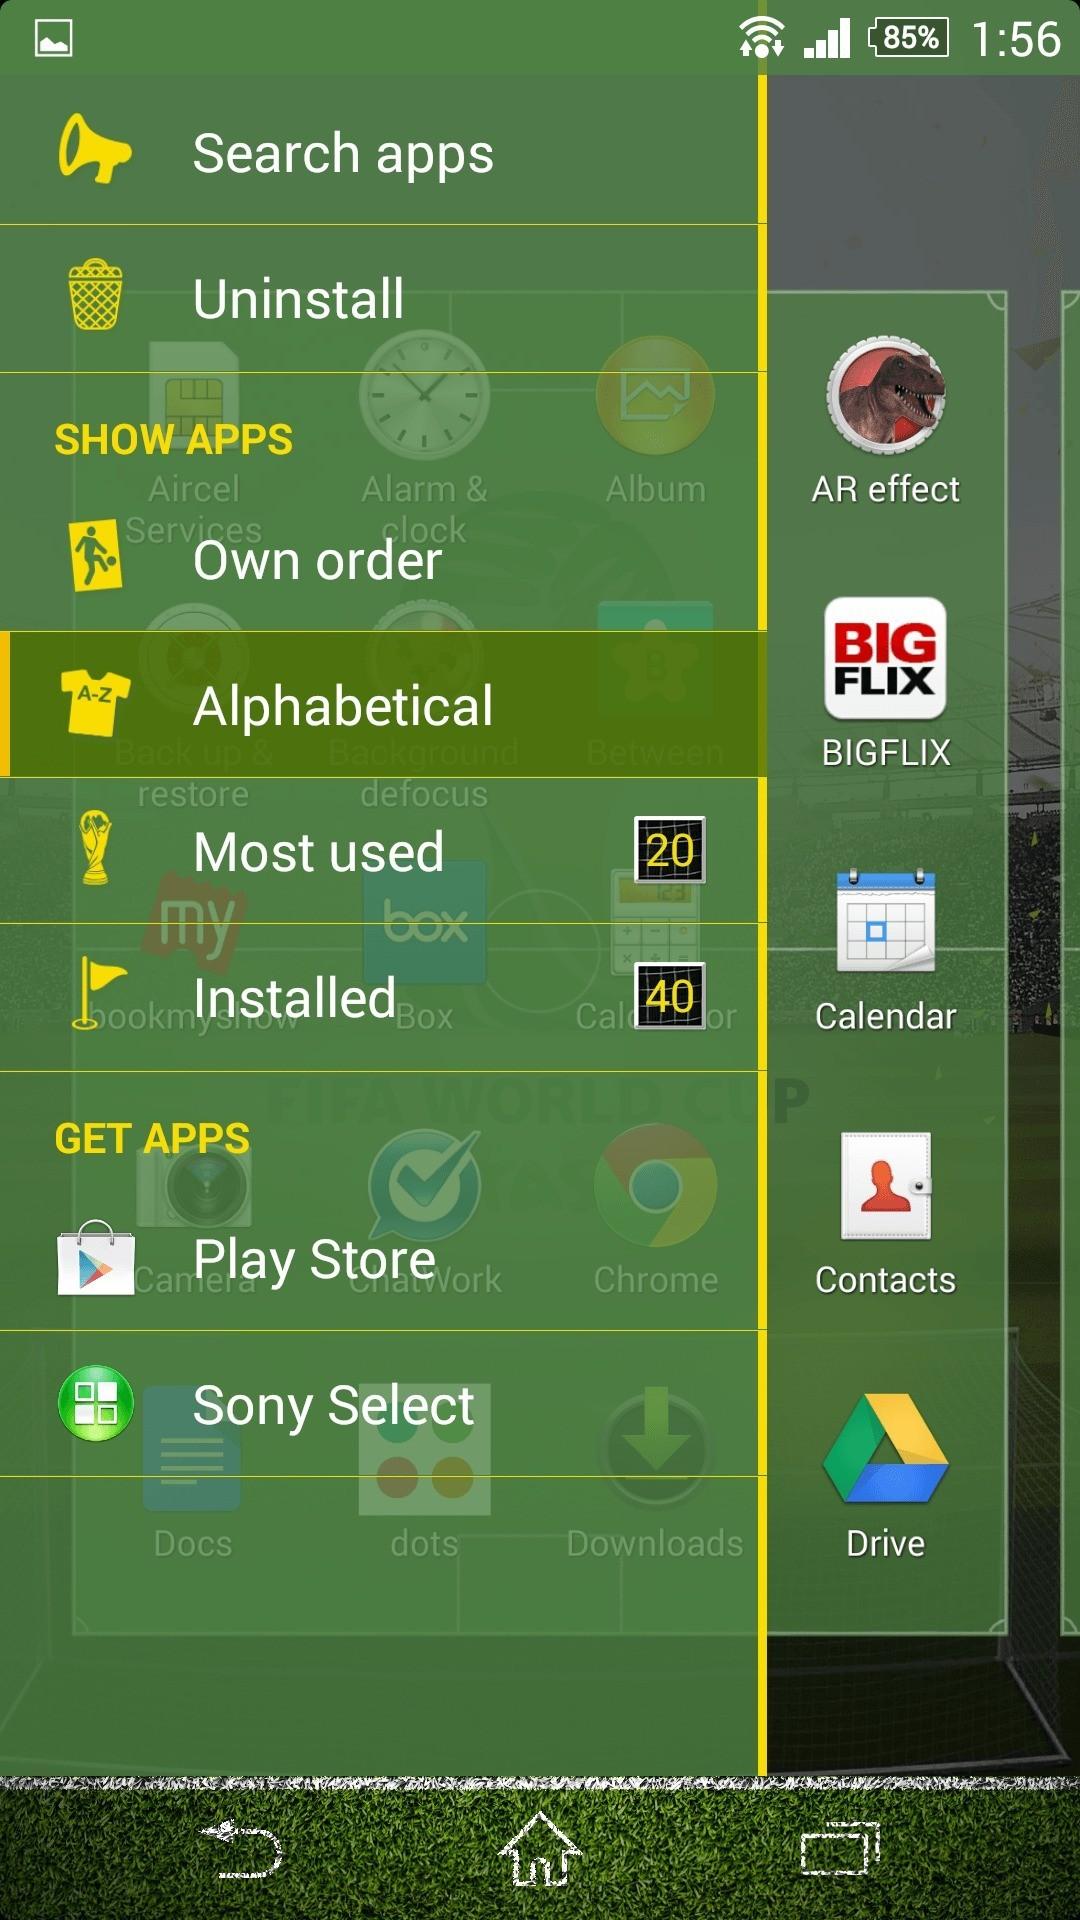 Sony Xperia rilascia il tema Coppa del Mondo su Google Play Store